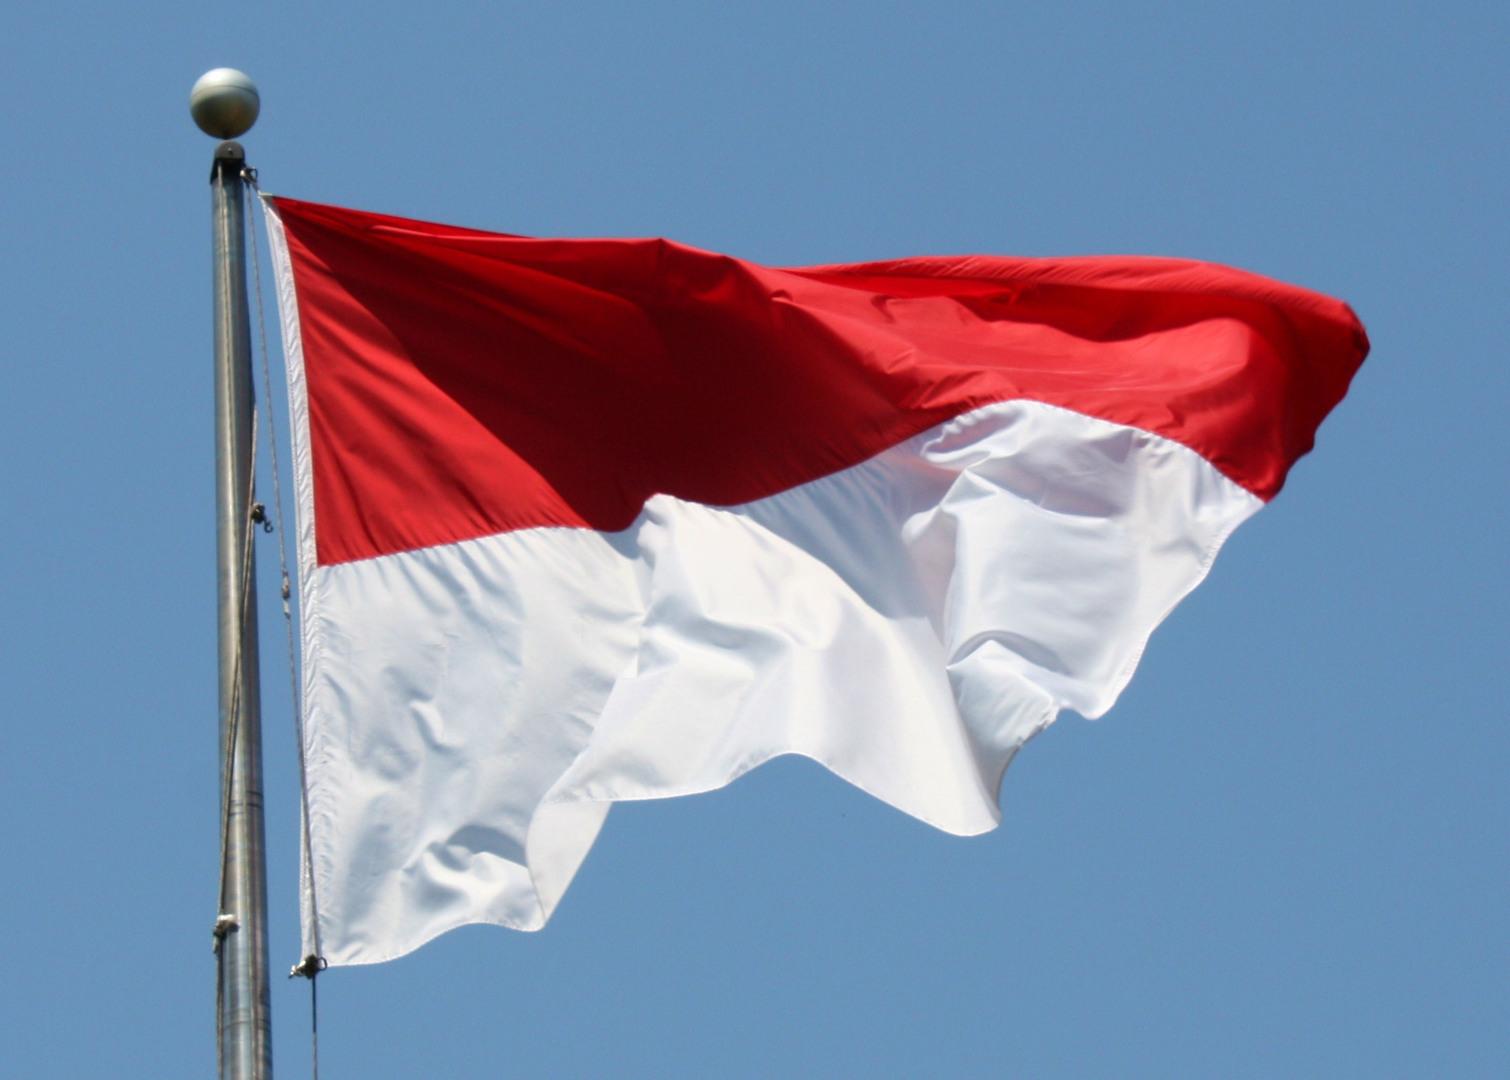 3 Negara Dengan Bendera Yang Sama Siapakah Yang Pertama Menggunakannya Jadiberita Com